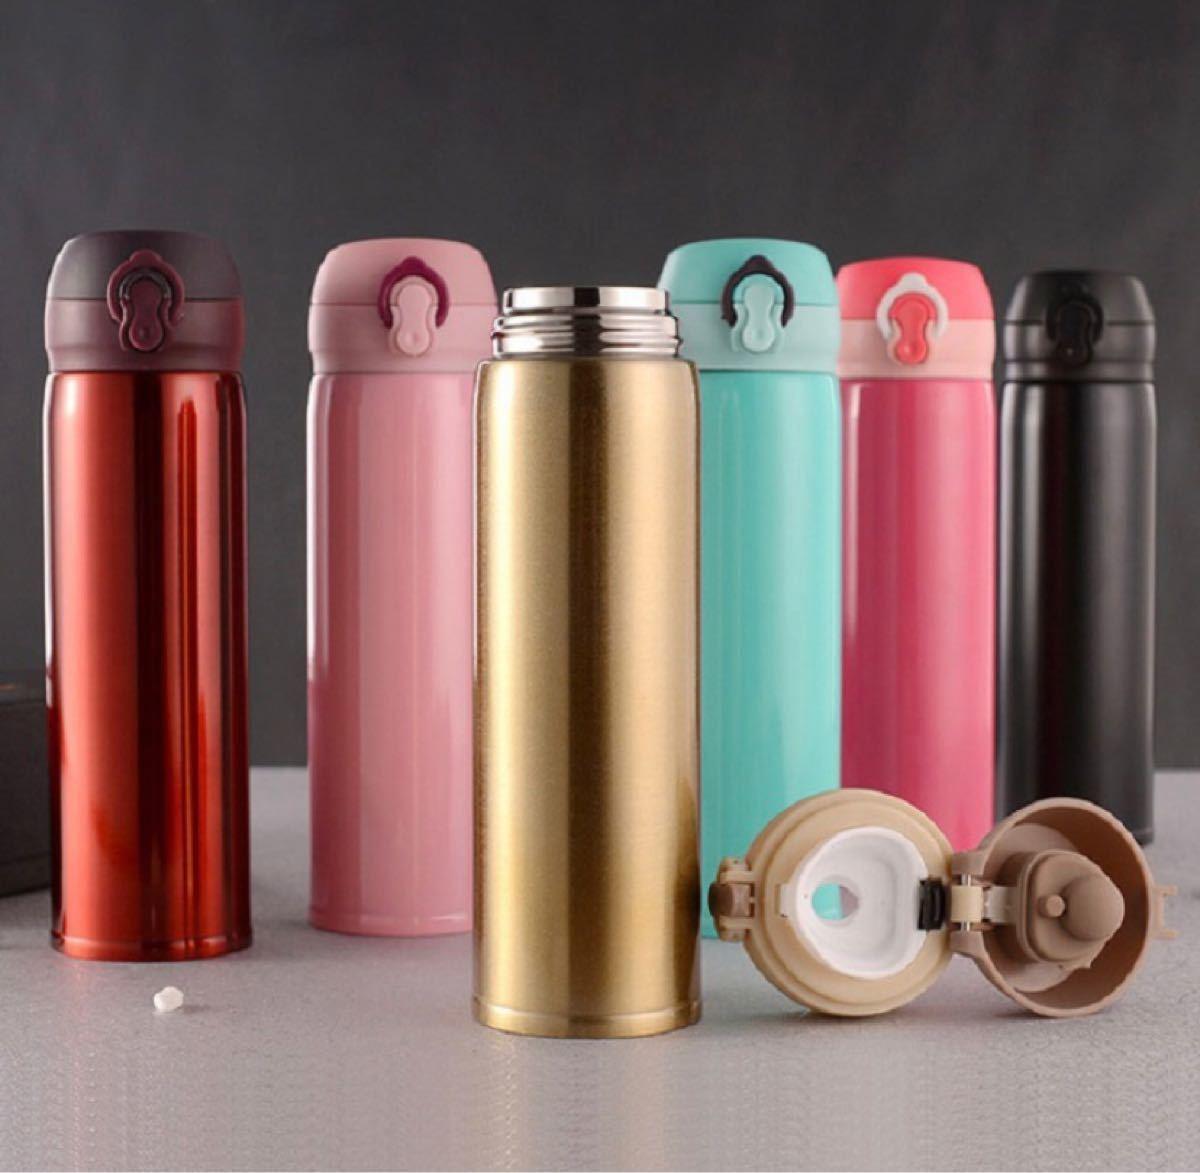 マグボトル 500ml 水筒 真空断熱 水筒 ステンレス マグ ボトル 黒色